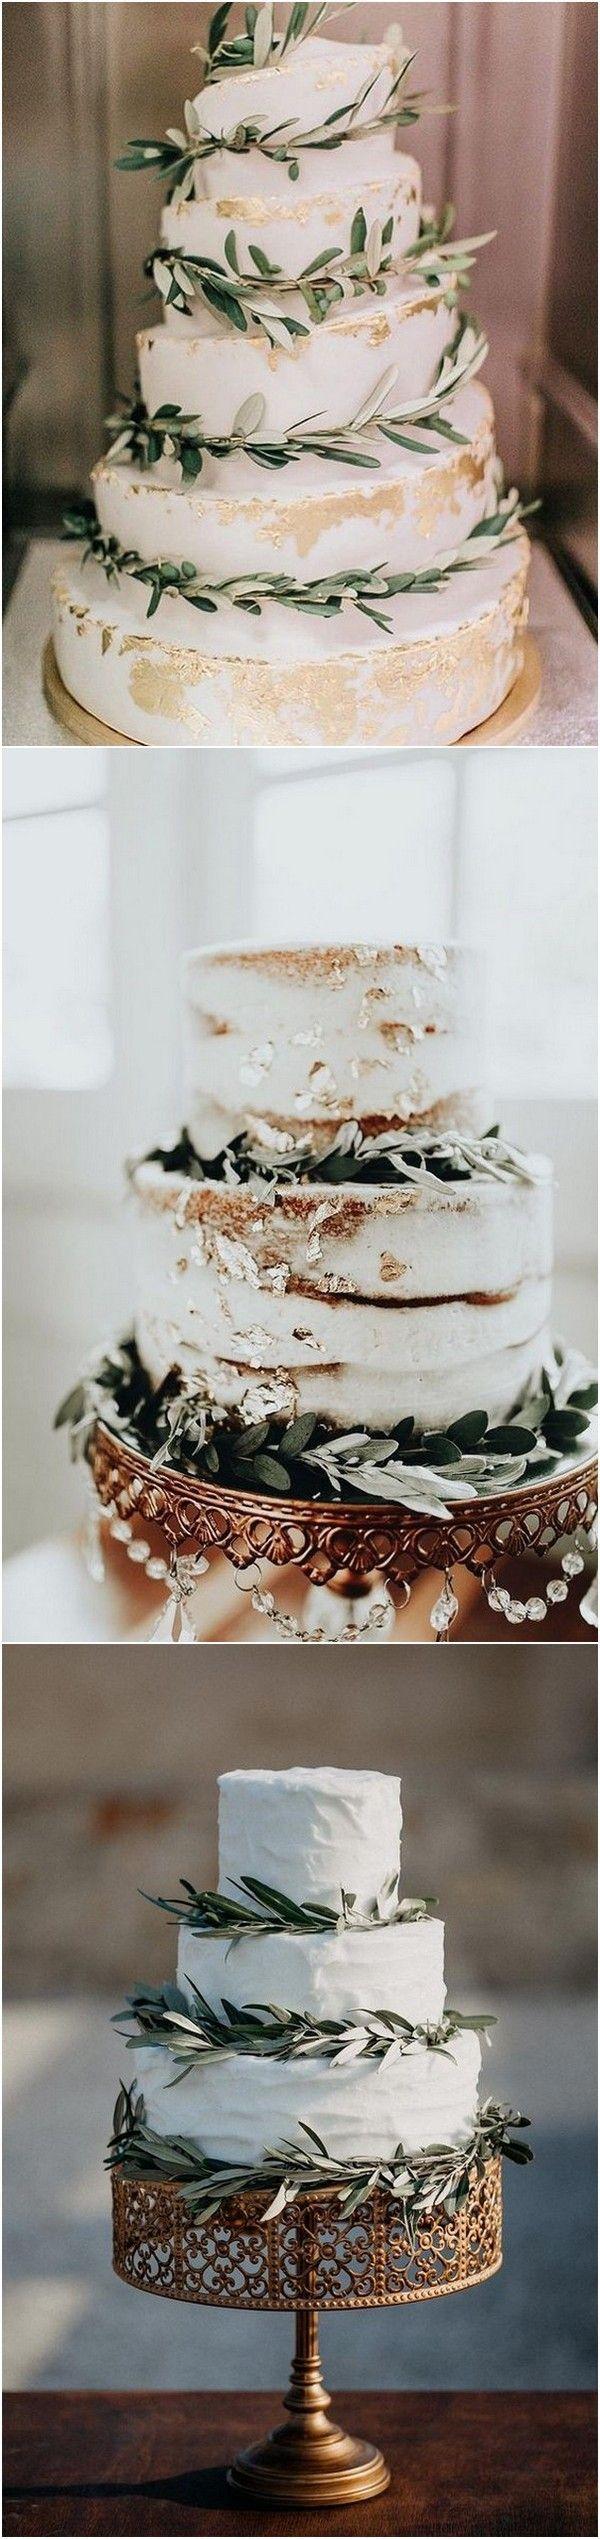 Trending-12 Sage Green Hochzeitstorten zum Verlieben